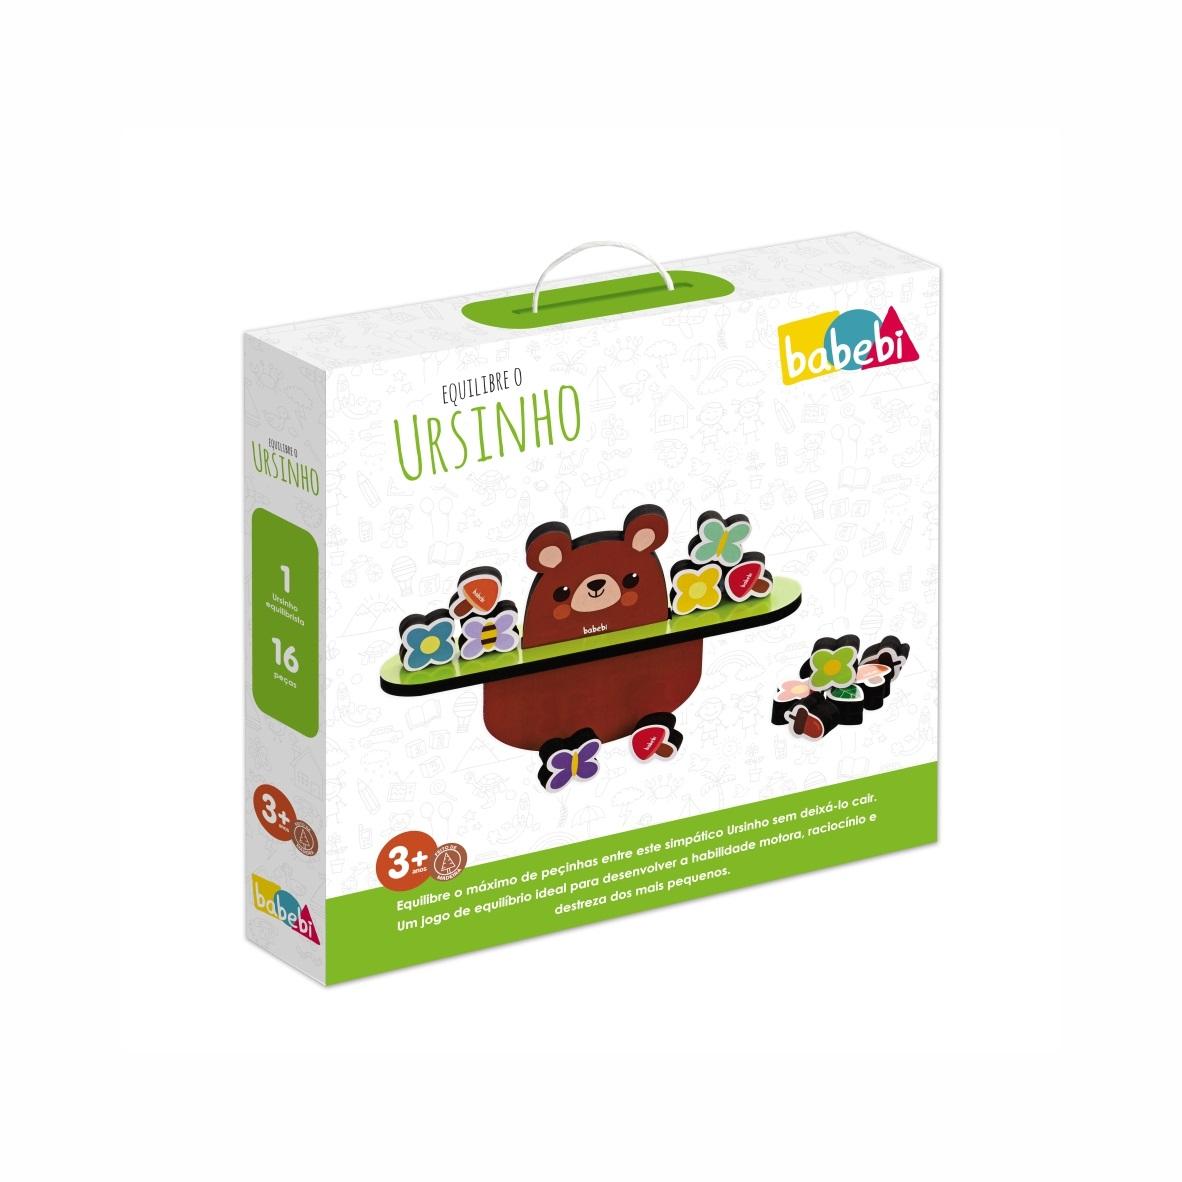 Brinquedo Educativo Montessori Equilibre O Ursinho